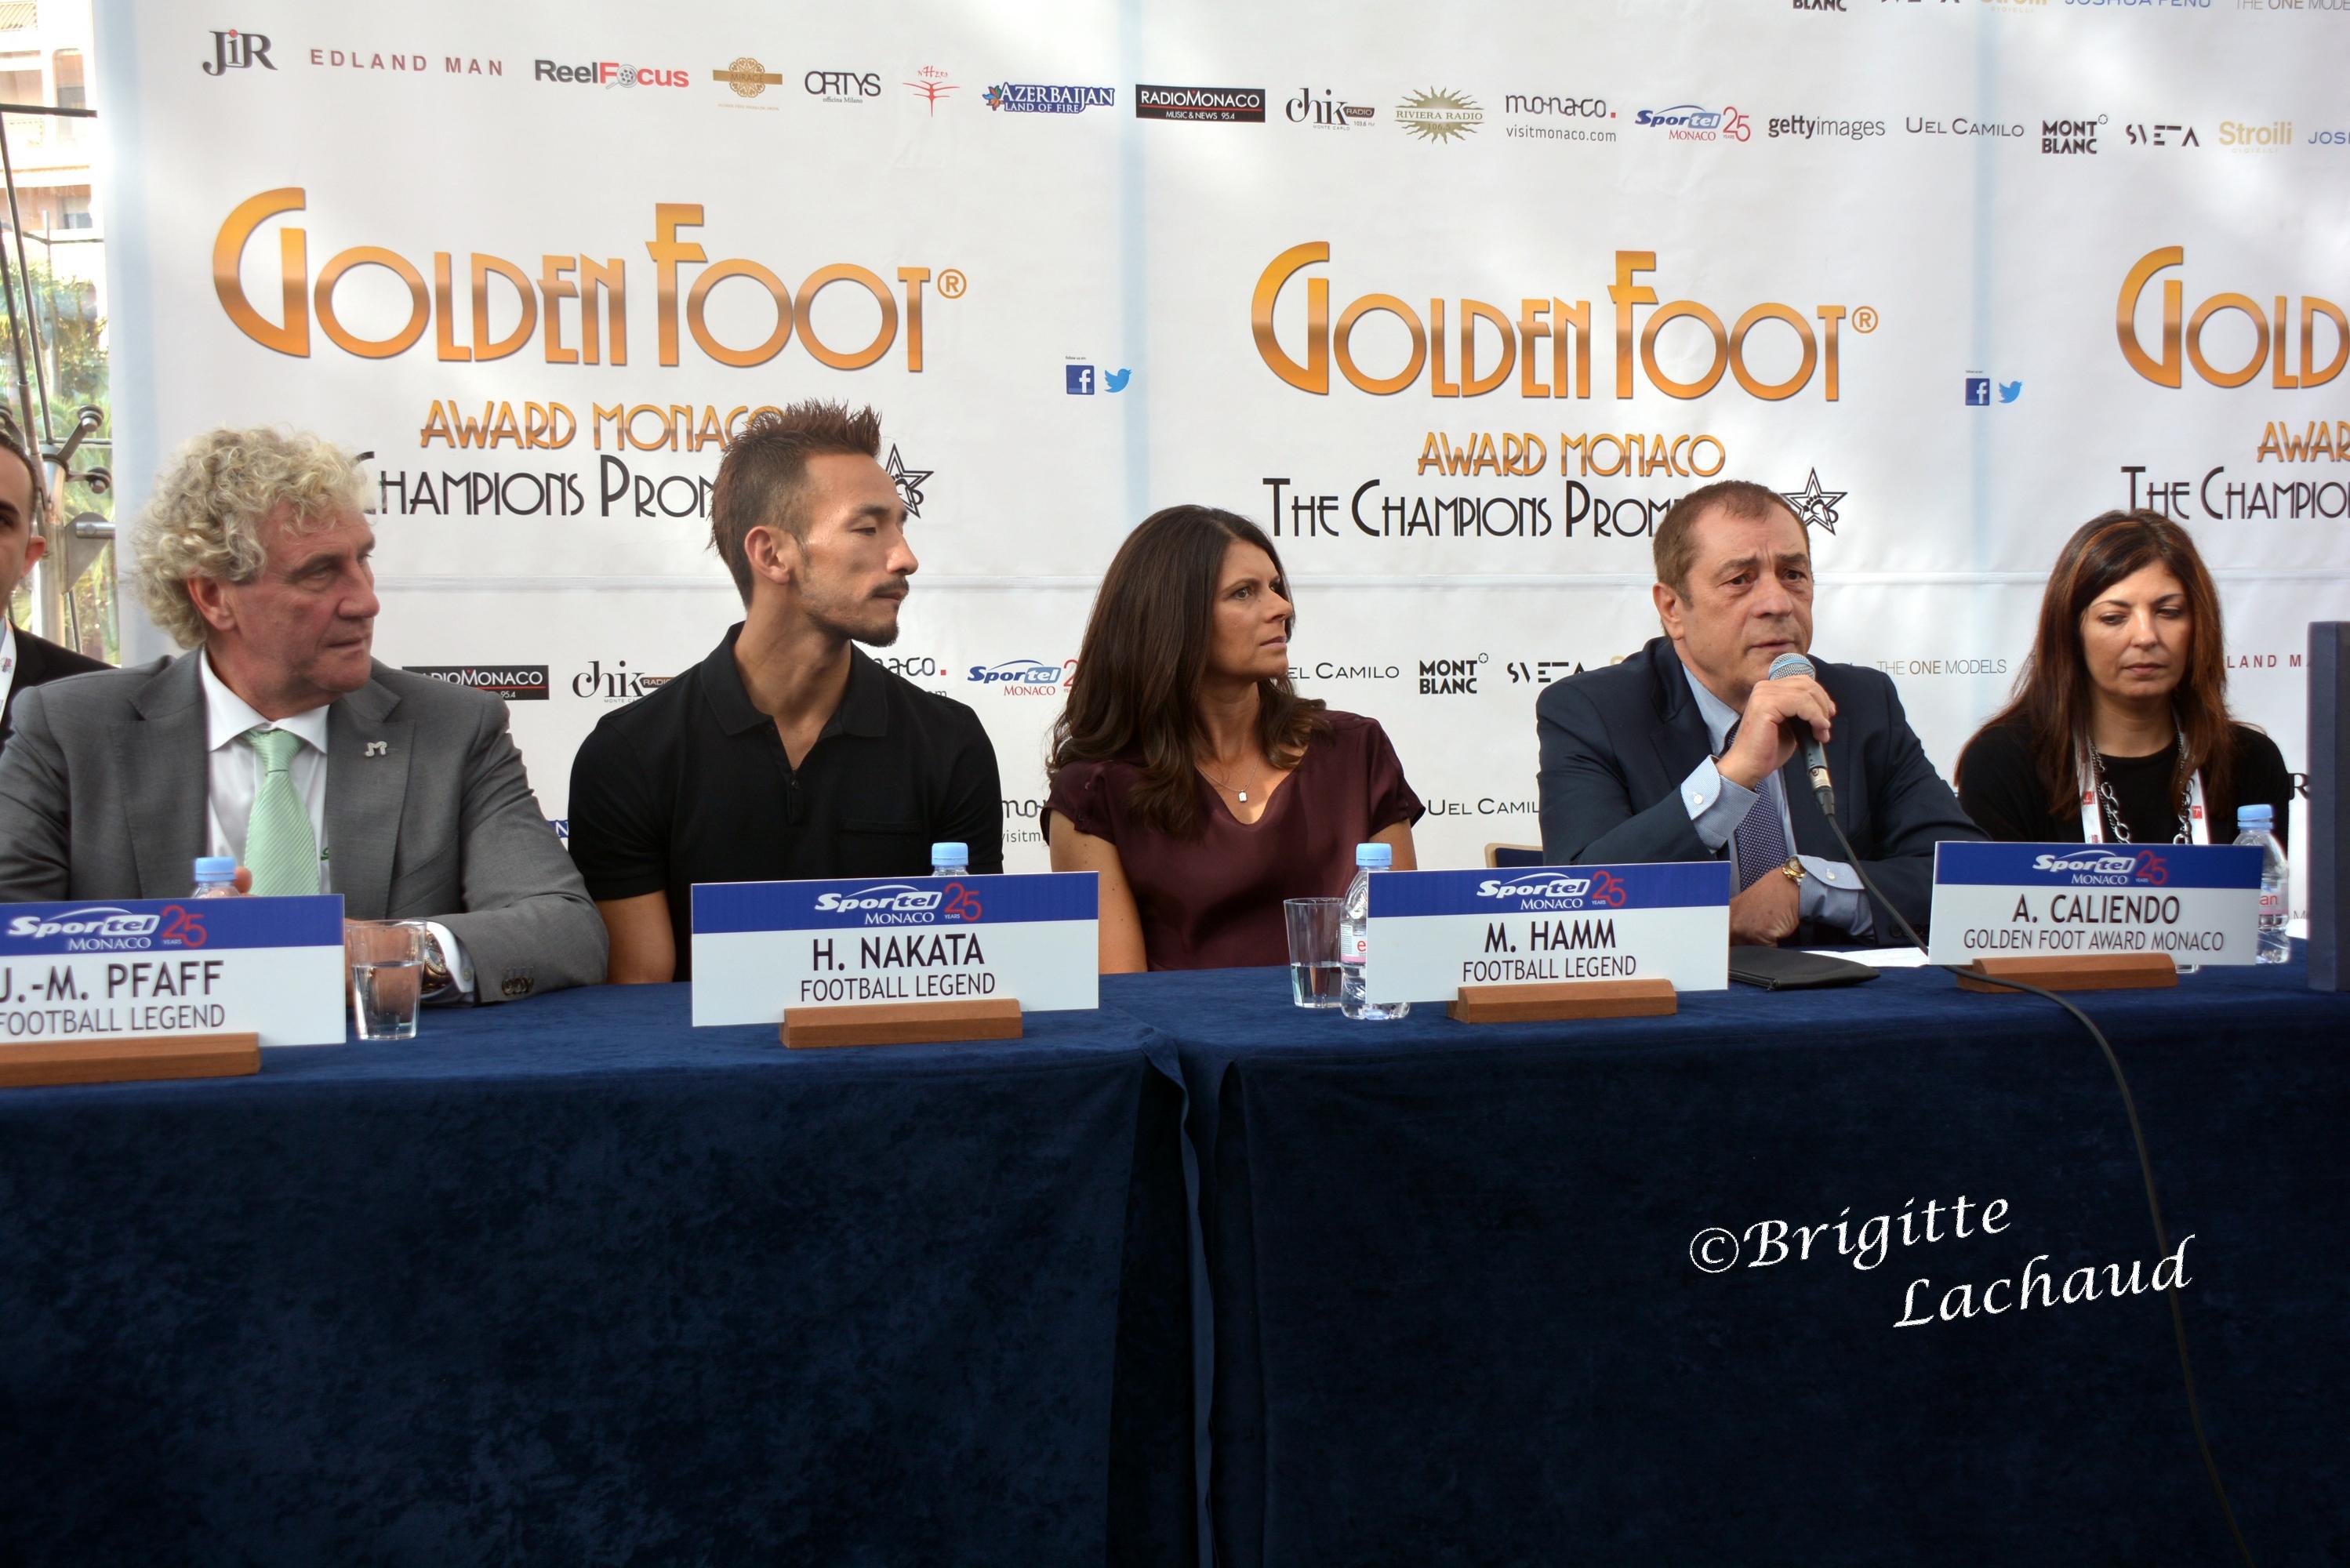 Golden foot Monaco 101014 BL 013